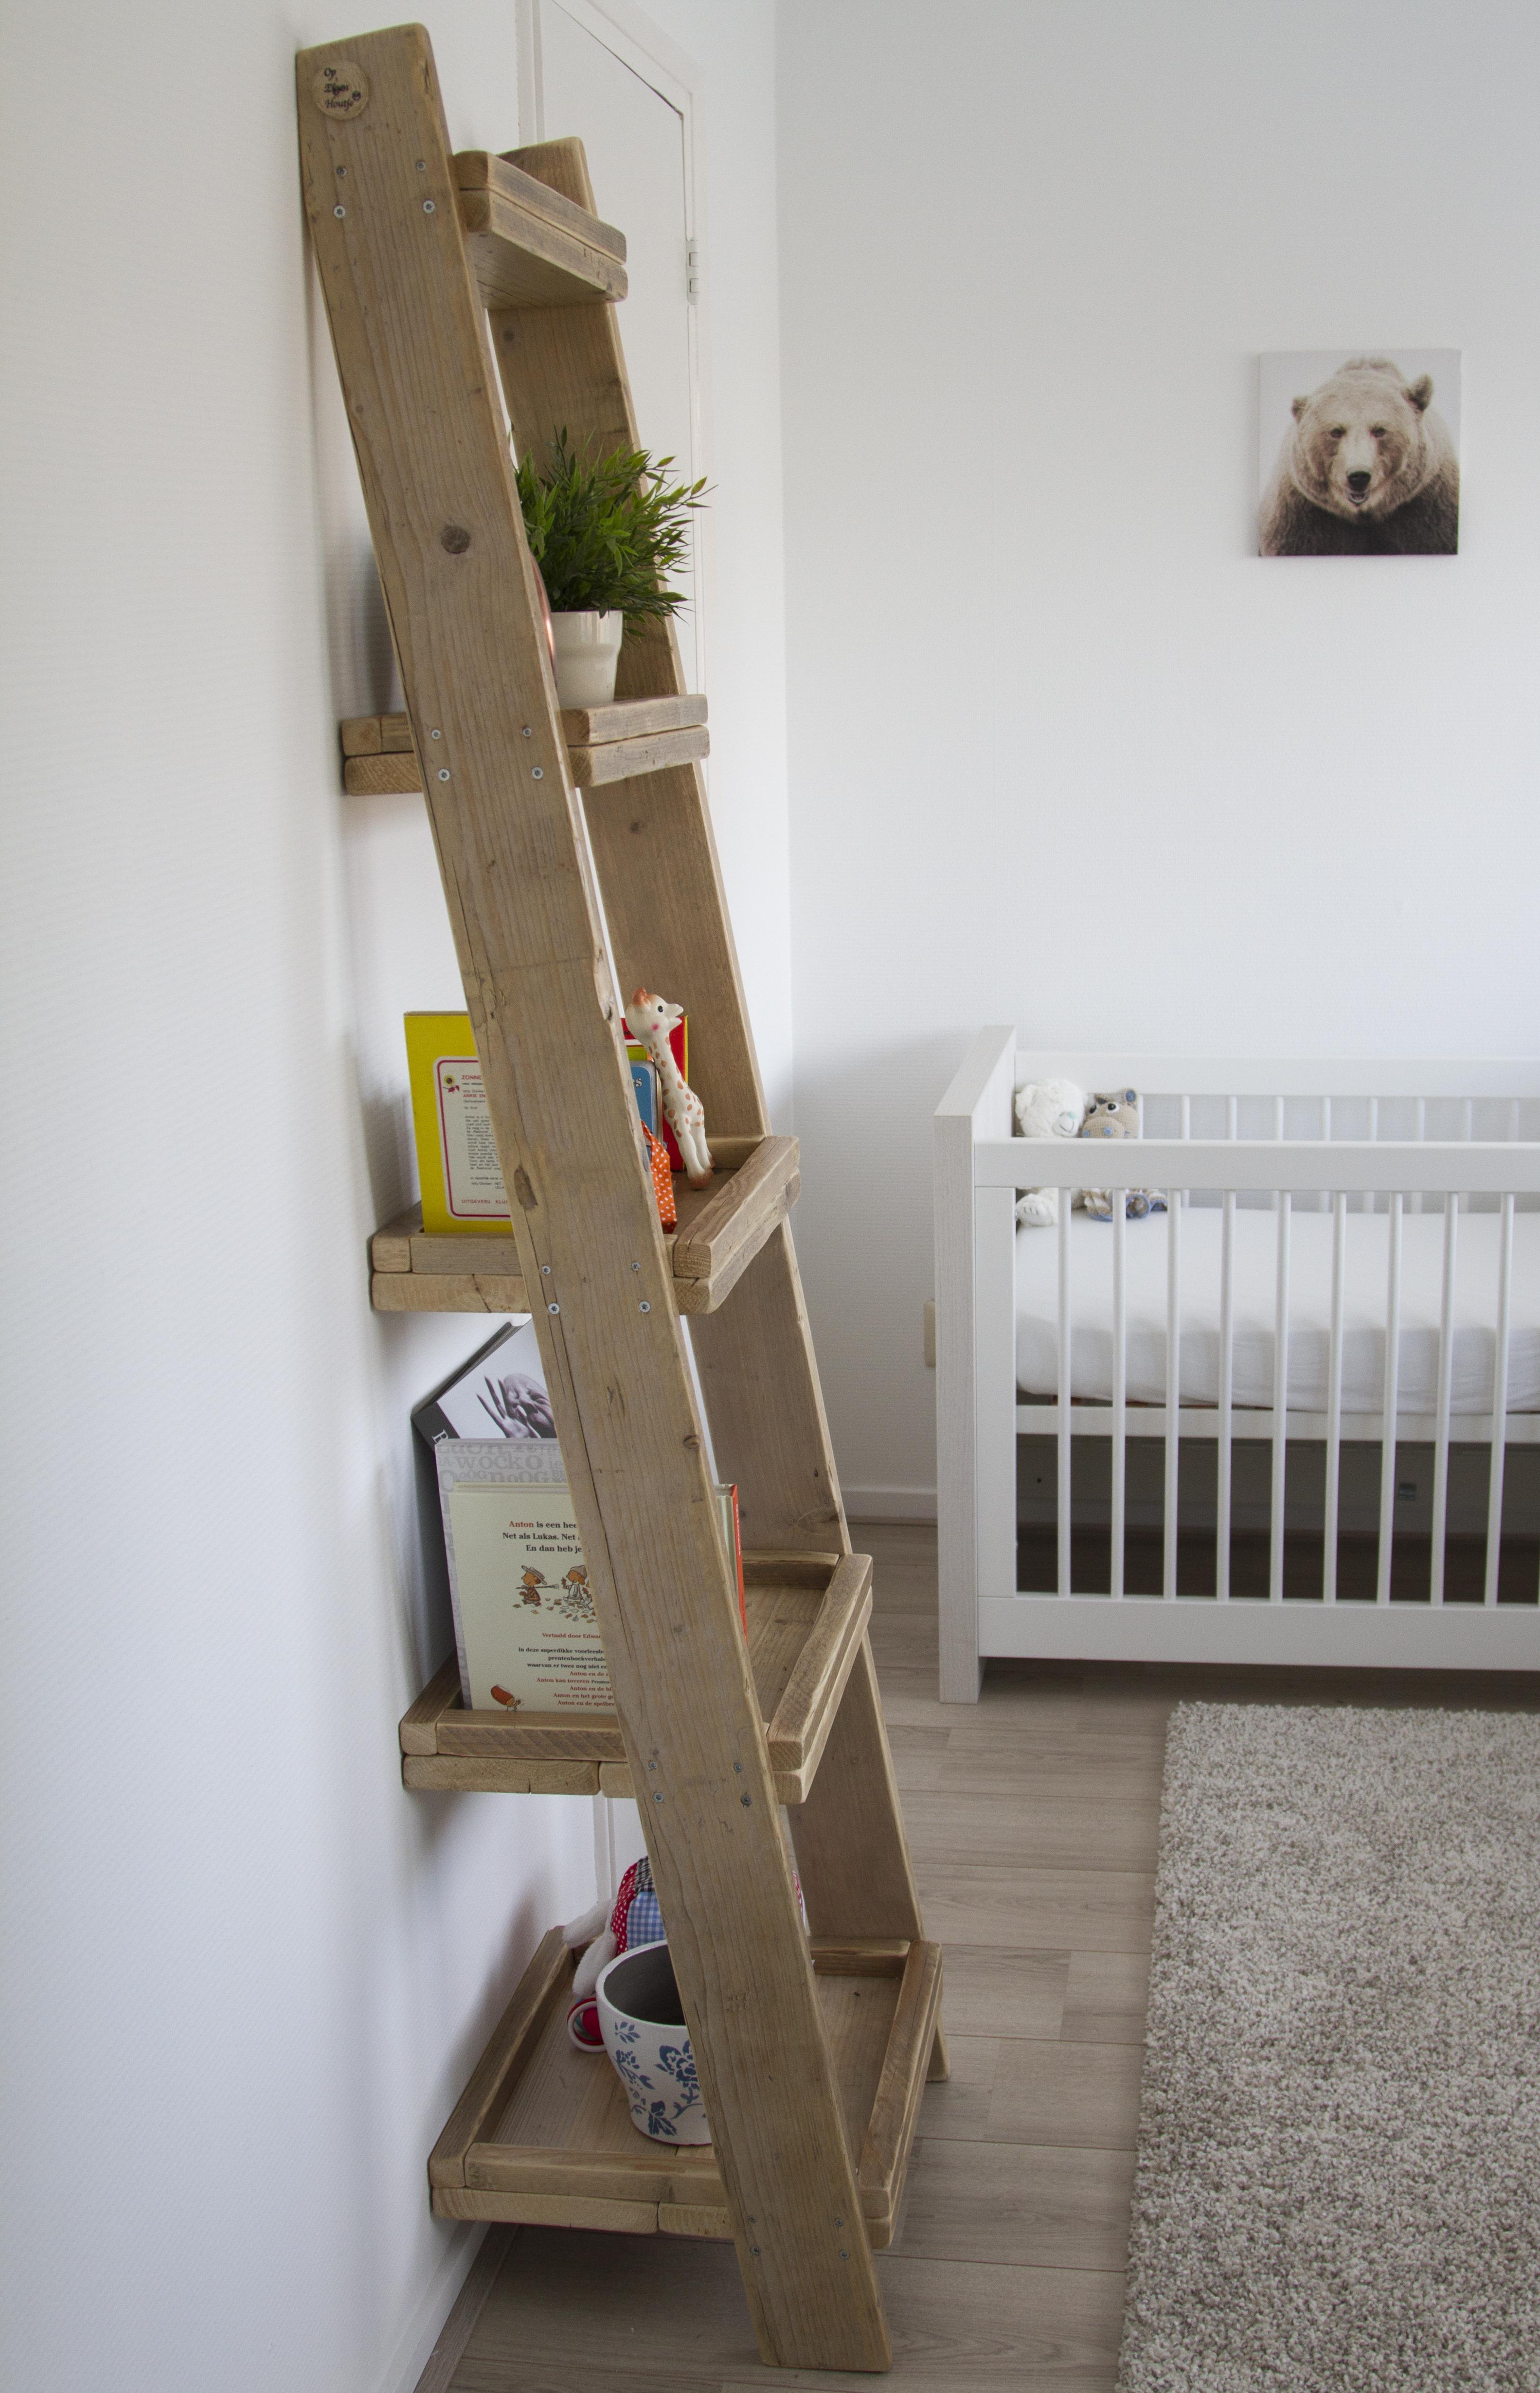 https://www.op-eigen-houtje-meubels.nl/wp-content/gallery/ladderkast-koen/Ladderkast-1.jpg